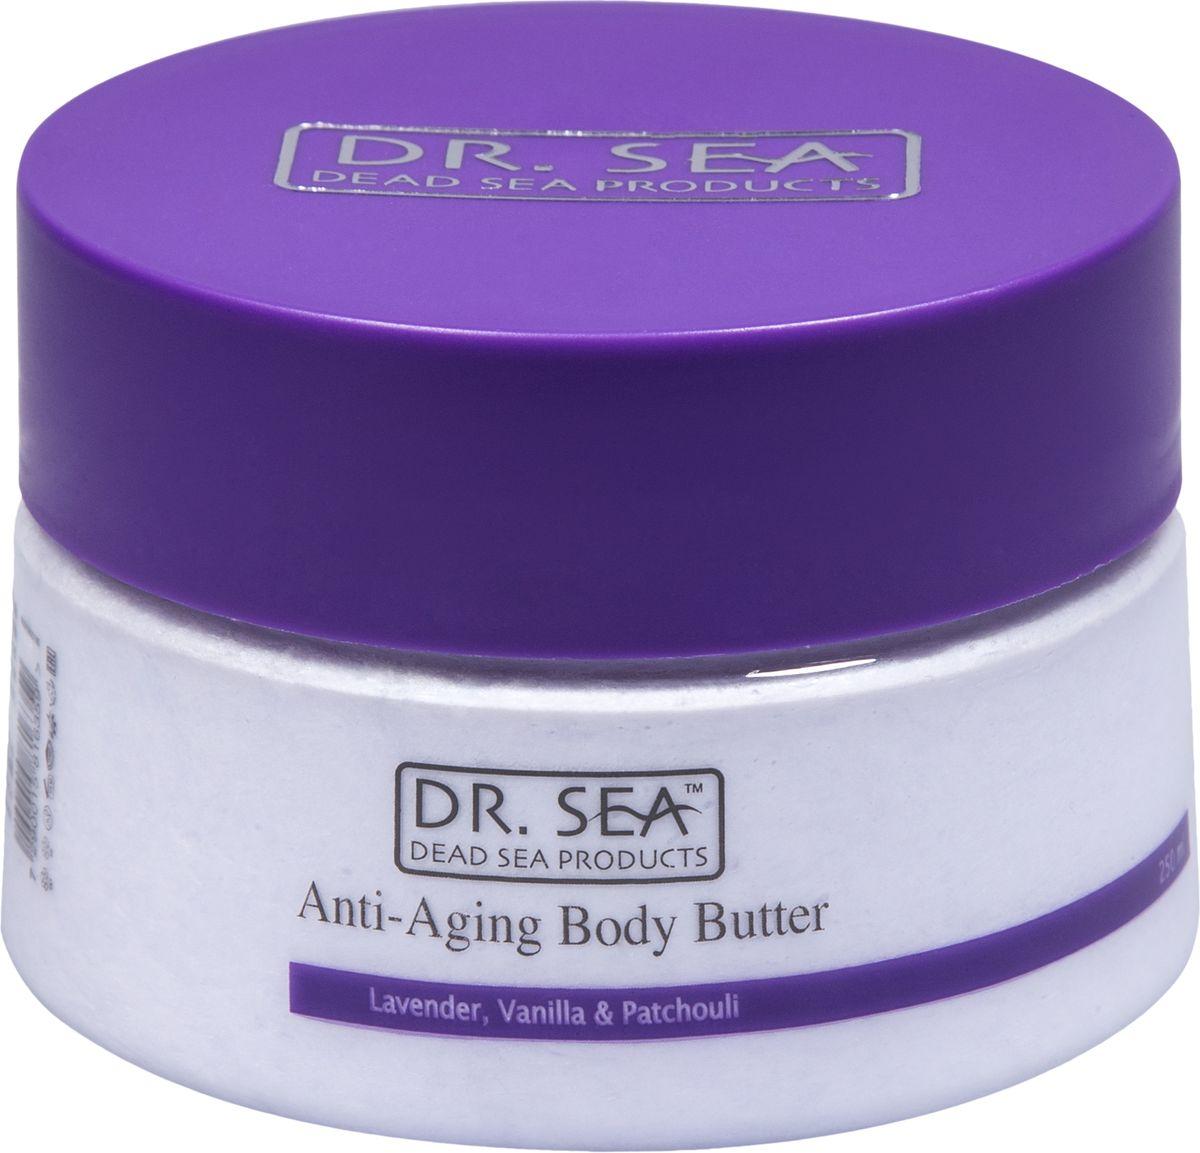 Dr.Sea Масло для тела против старения-лаванда , ваниль и пачули, 250 млFS-00897Ежедневное применение масла для тела Dr. Sea позволяет коже эффективно противостоять процессу старения, повышает ее эластичность и упругость. Содержит минералы Мертвого моря, натуральные эфирные и растительные масла, а также витамины C и E, жирные кислоты омега-3 и омега-6. Способствует предотвращению растяжек, рекомендуется к применению в период диеты или беременности.Способ применения: после каждого принятия ванны или душа наносите на кожу массирующими движениями и втирайте до полного впитывания.Основу косметики Dr. Sea составляют минералы, грязи и органические вытяжки Мертвого моря, а также натуральные растительные экстракты. Косметические средства Dr. Sea разрабатываются и производятся исключительно на территории Израиля в новейших технологических условиях, позволяющих максимально раскрыть и сохранить целебные свойства природных компонентов. Ни в одном из препаратов не содержится парааминобензойная кислота (так называемый парабен), а в составе шампуней и гелей для душа не используется Sodium Lauryl Sulfate. Уникальность минеральной косметики Dr. Sea состоит в том, что все компоненты, входящие в рецептуру, натуральные. Сочетание минералов, грязи, соли и других натуральных составляющих, усиливают целебное действие и не дают побочных эффектов. Характеристики:Объем: 250 мл. Производитель: Израиль. Товар сертифицирован.